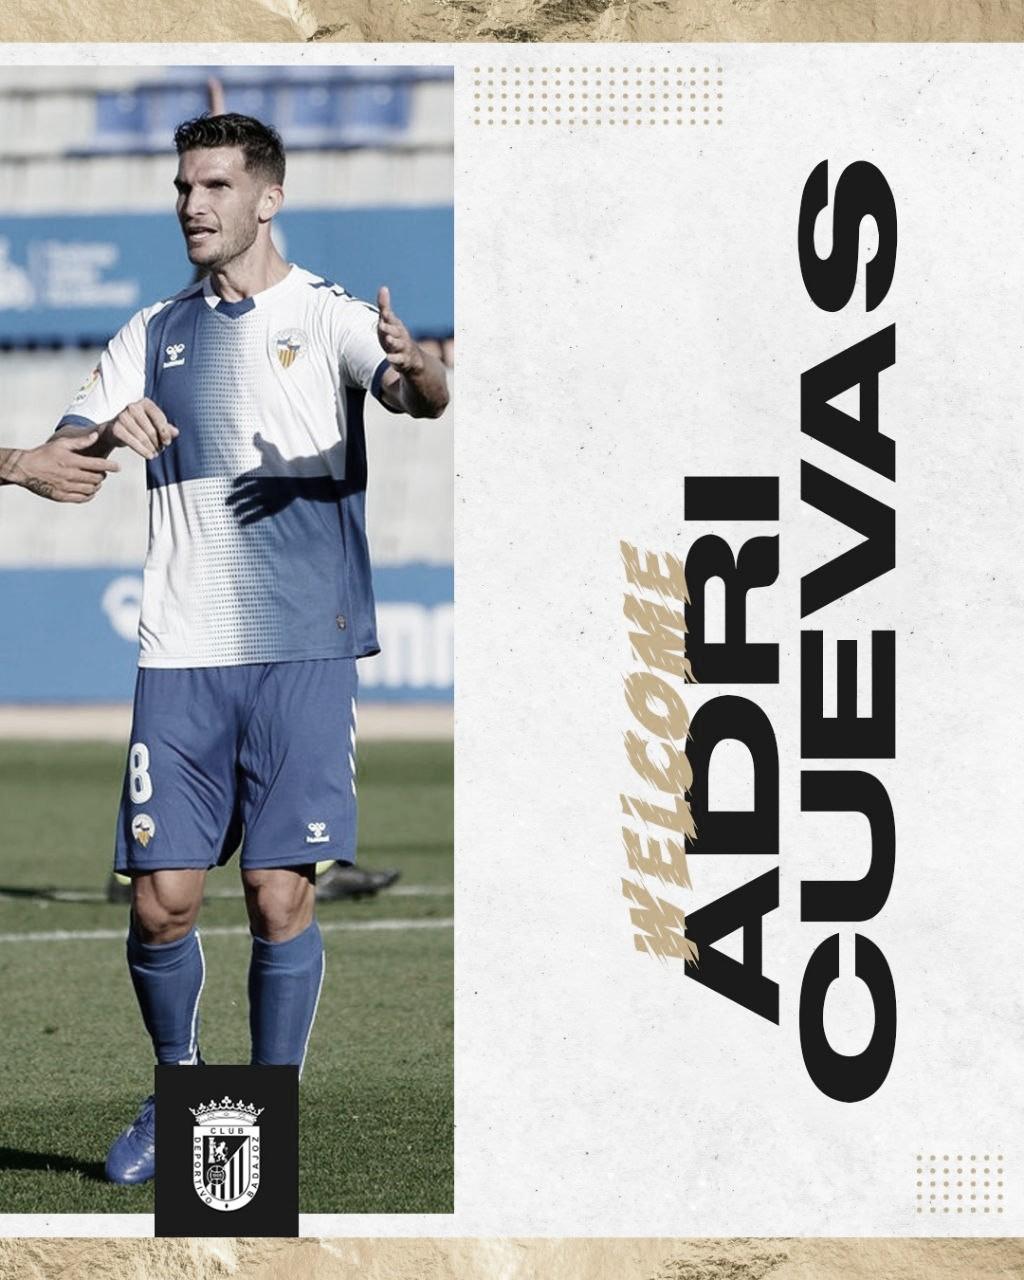 Adri Cuevas, gol, técnica y experiencia para el centro del campo del CD Badajoz